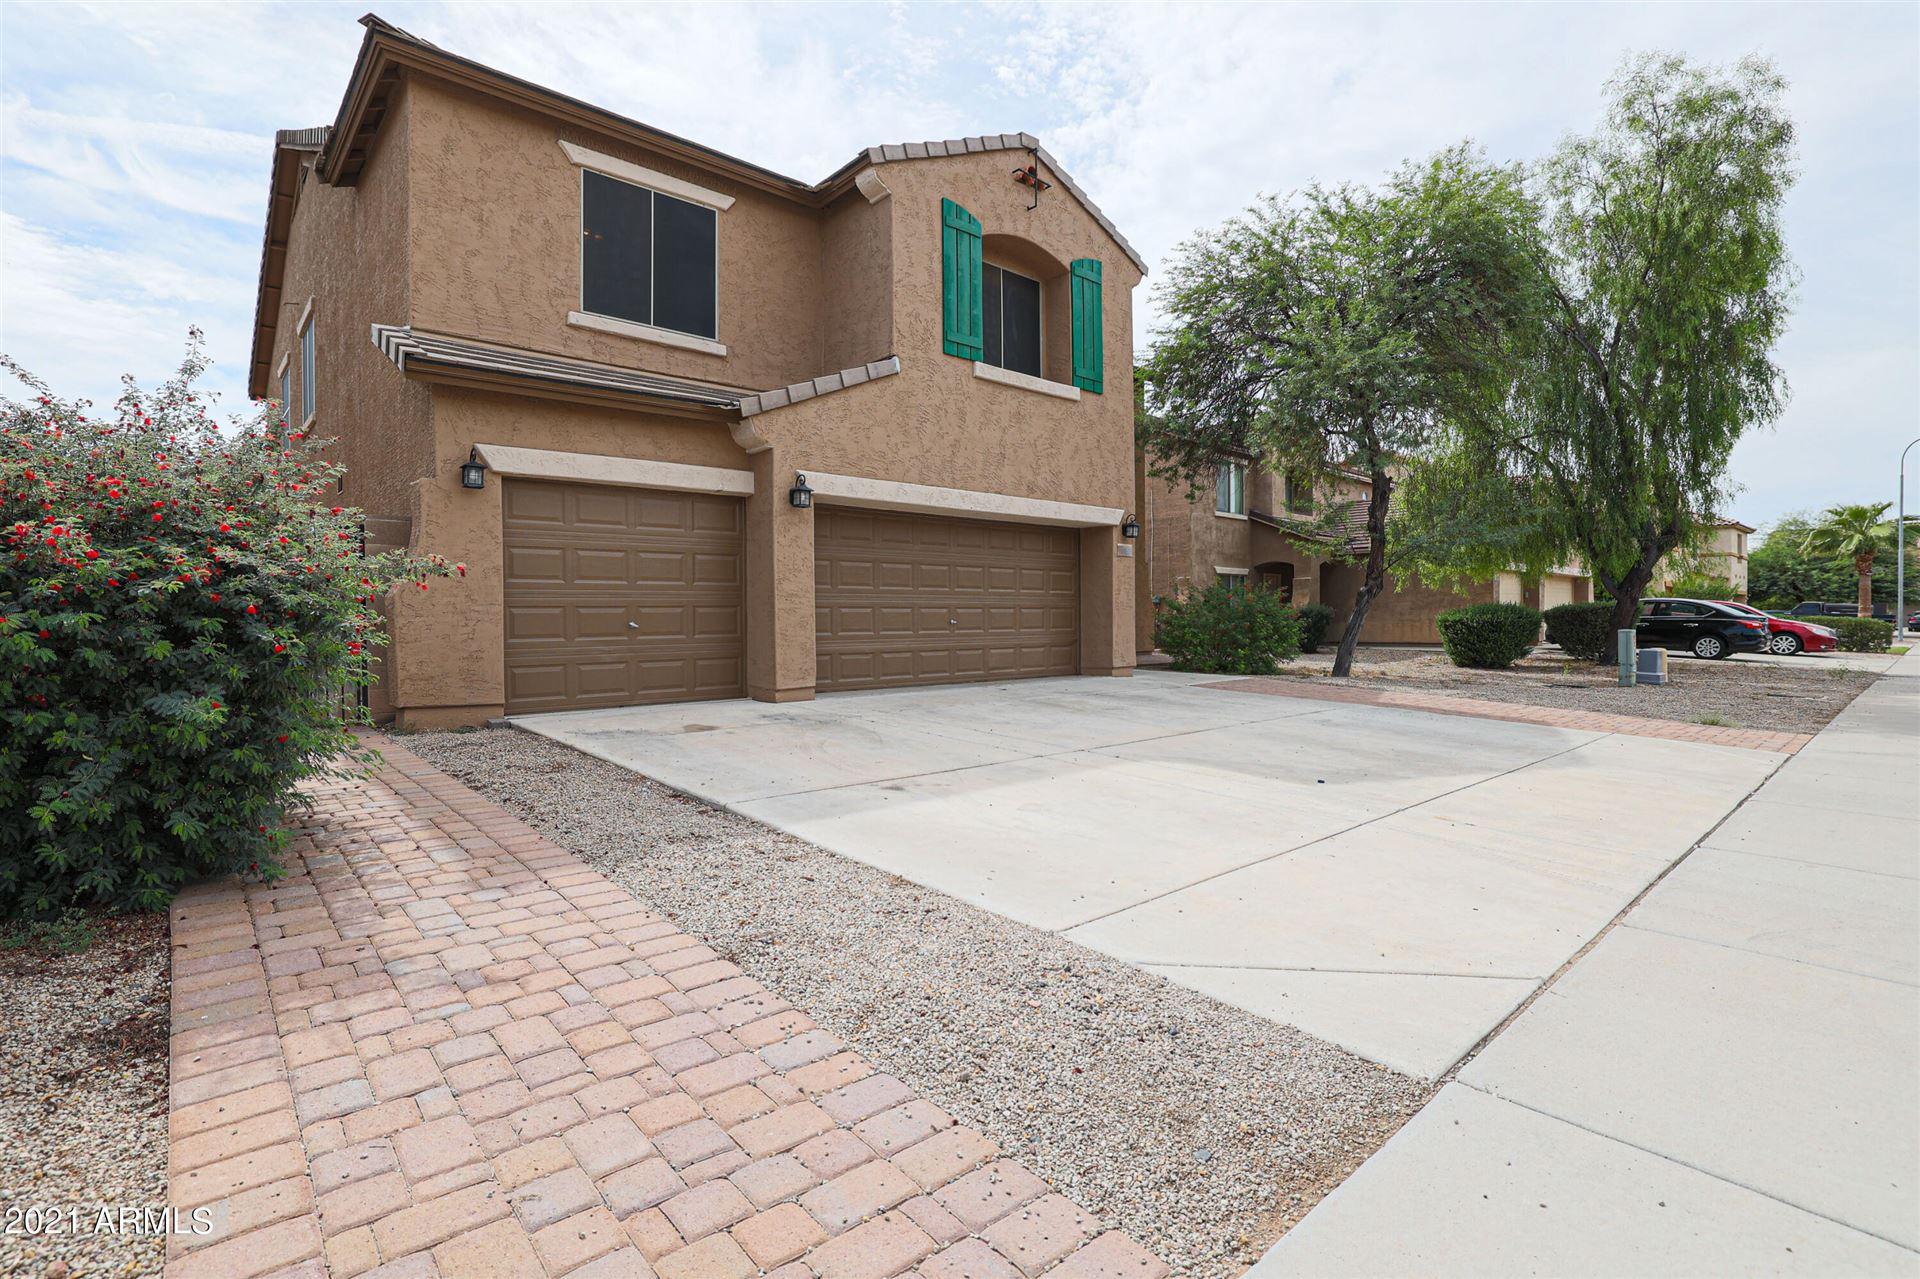 Photo of 11867 W SHERMAN Street, Avondale, AZ 85323 (MLS # 6305378)